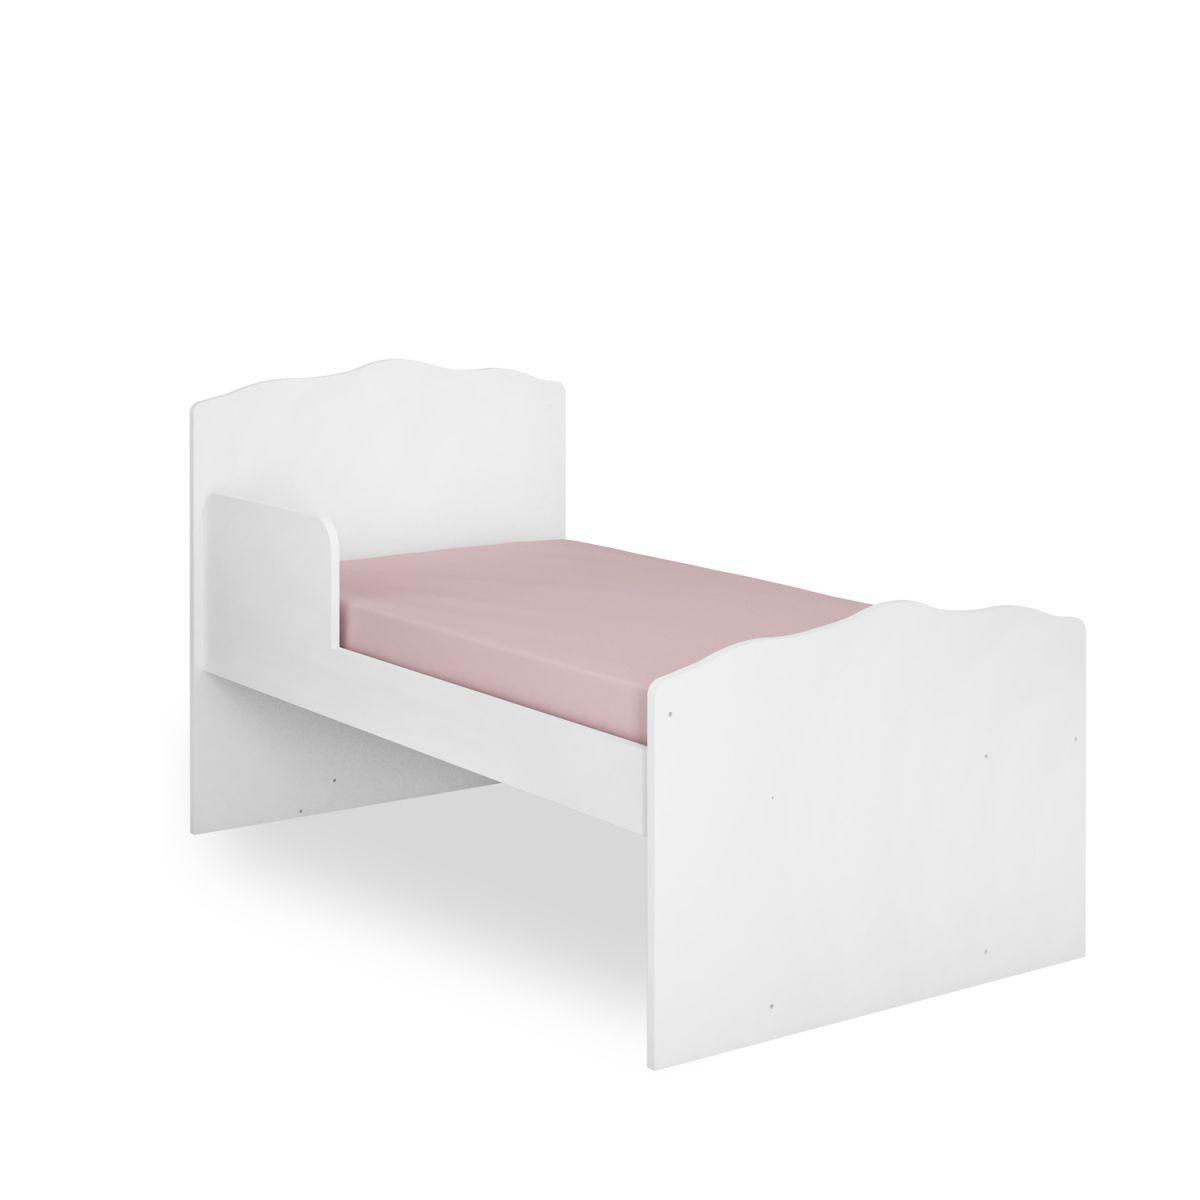 Ber o imperial mini cama com prateleira cana for Cama imperial